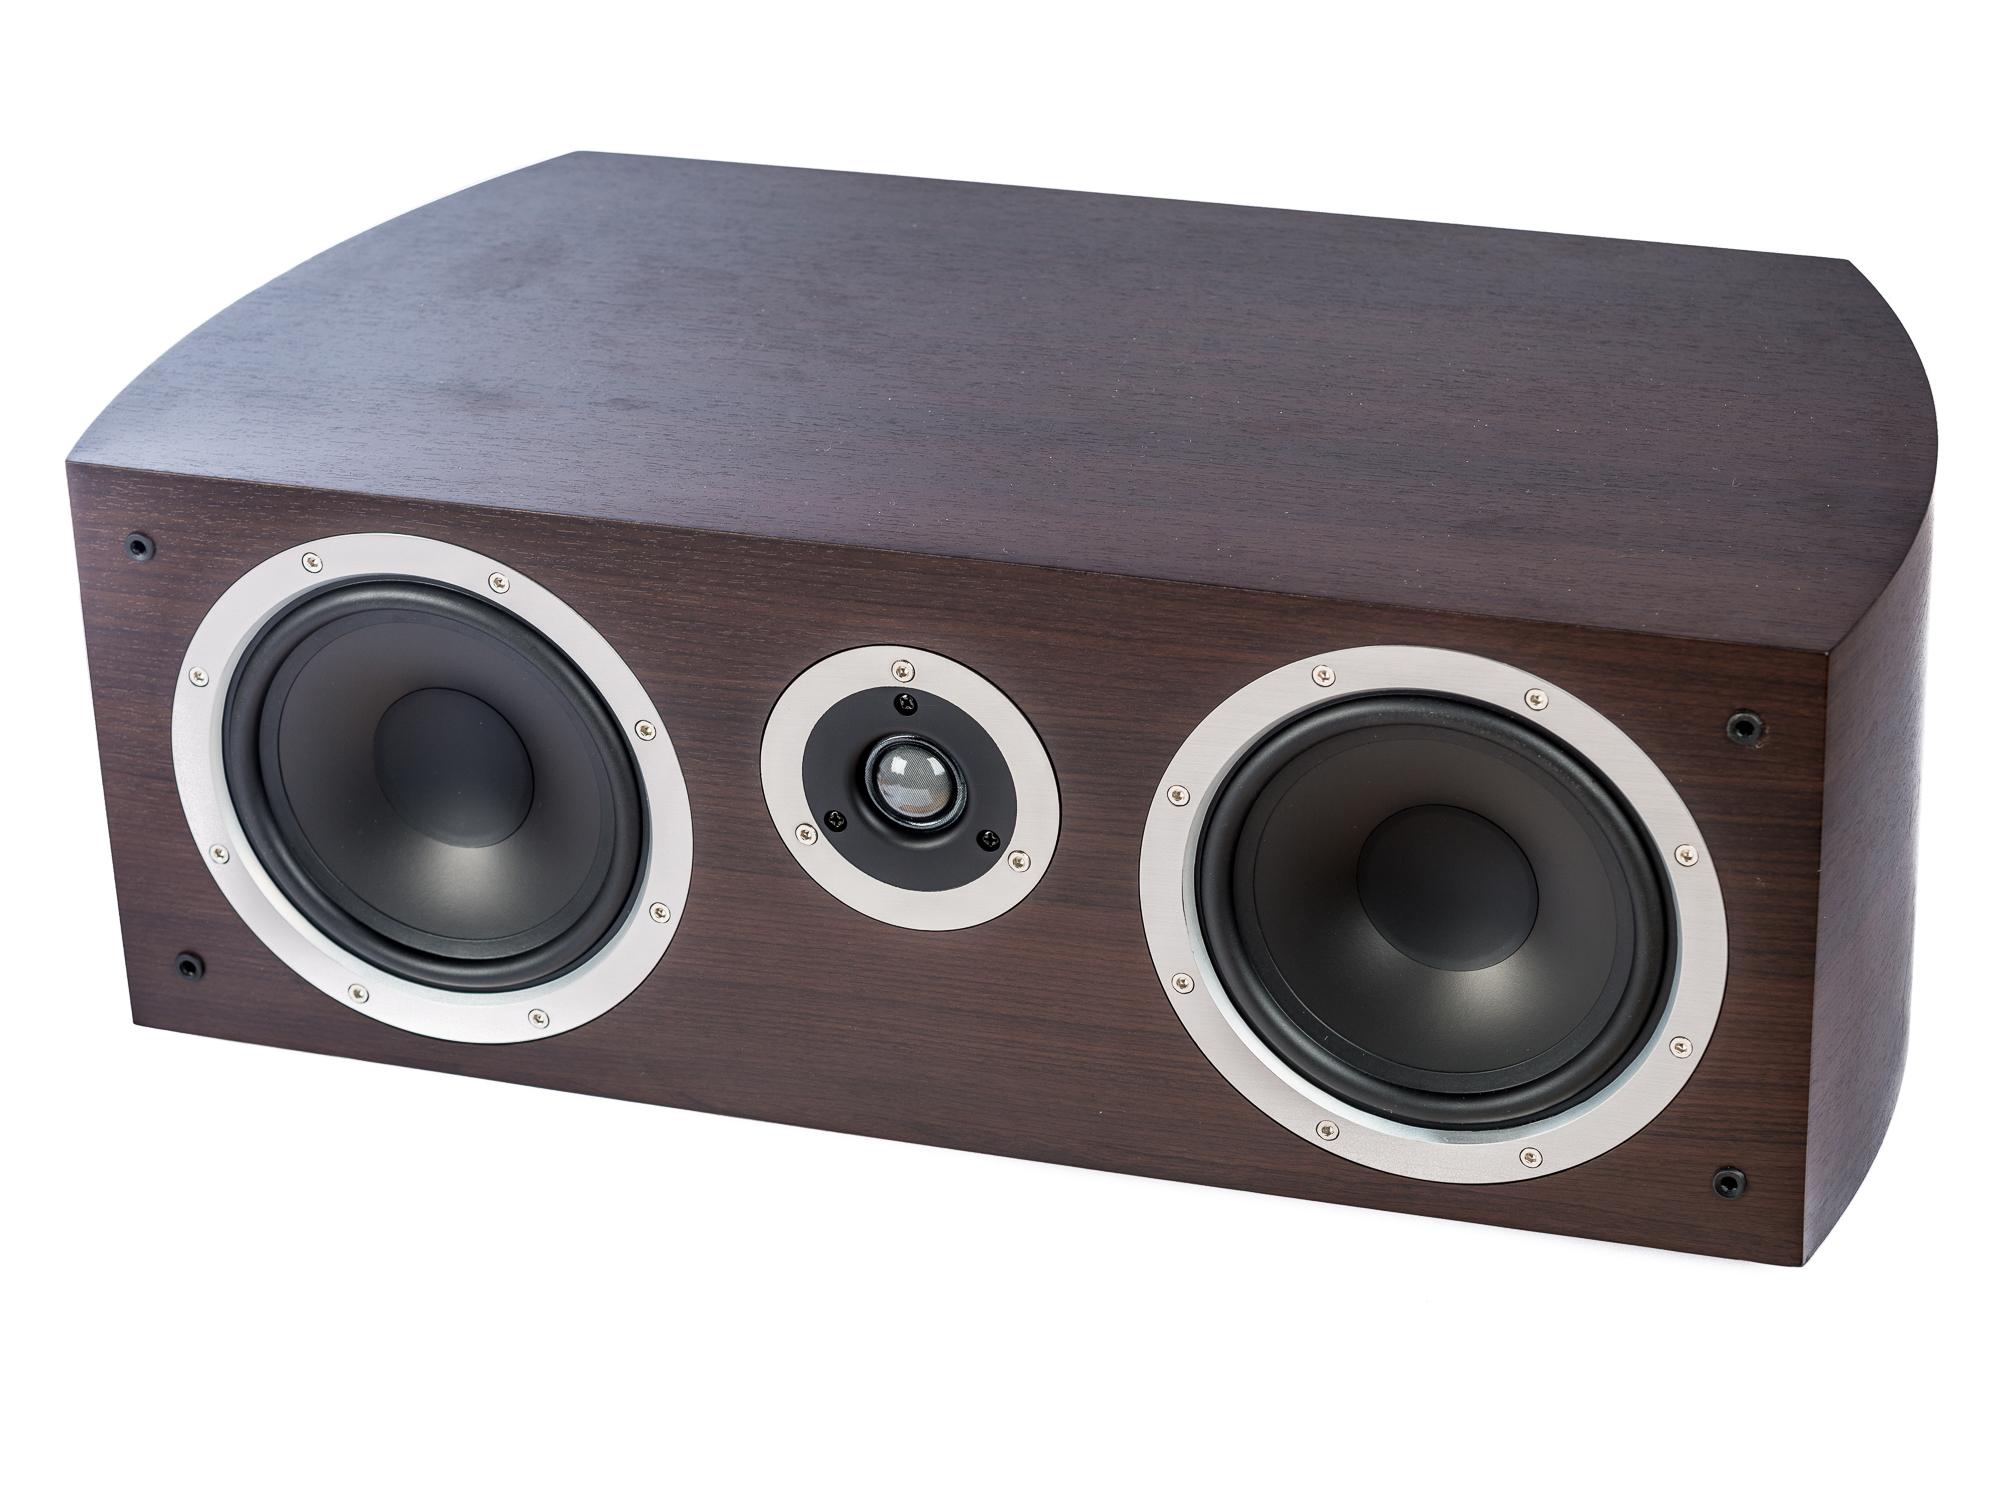 PG Audio universeller XL Center Lautsprecher ,2 Wege Bassreflex, mocca, B-Ware – Bild 2